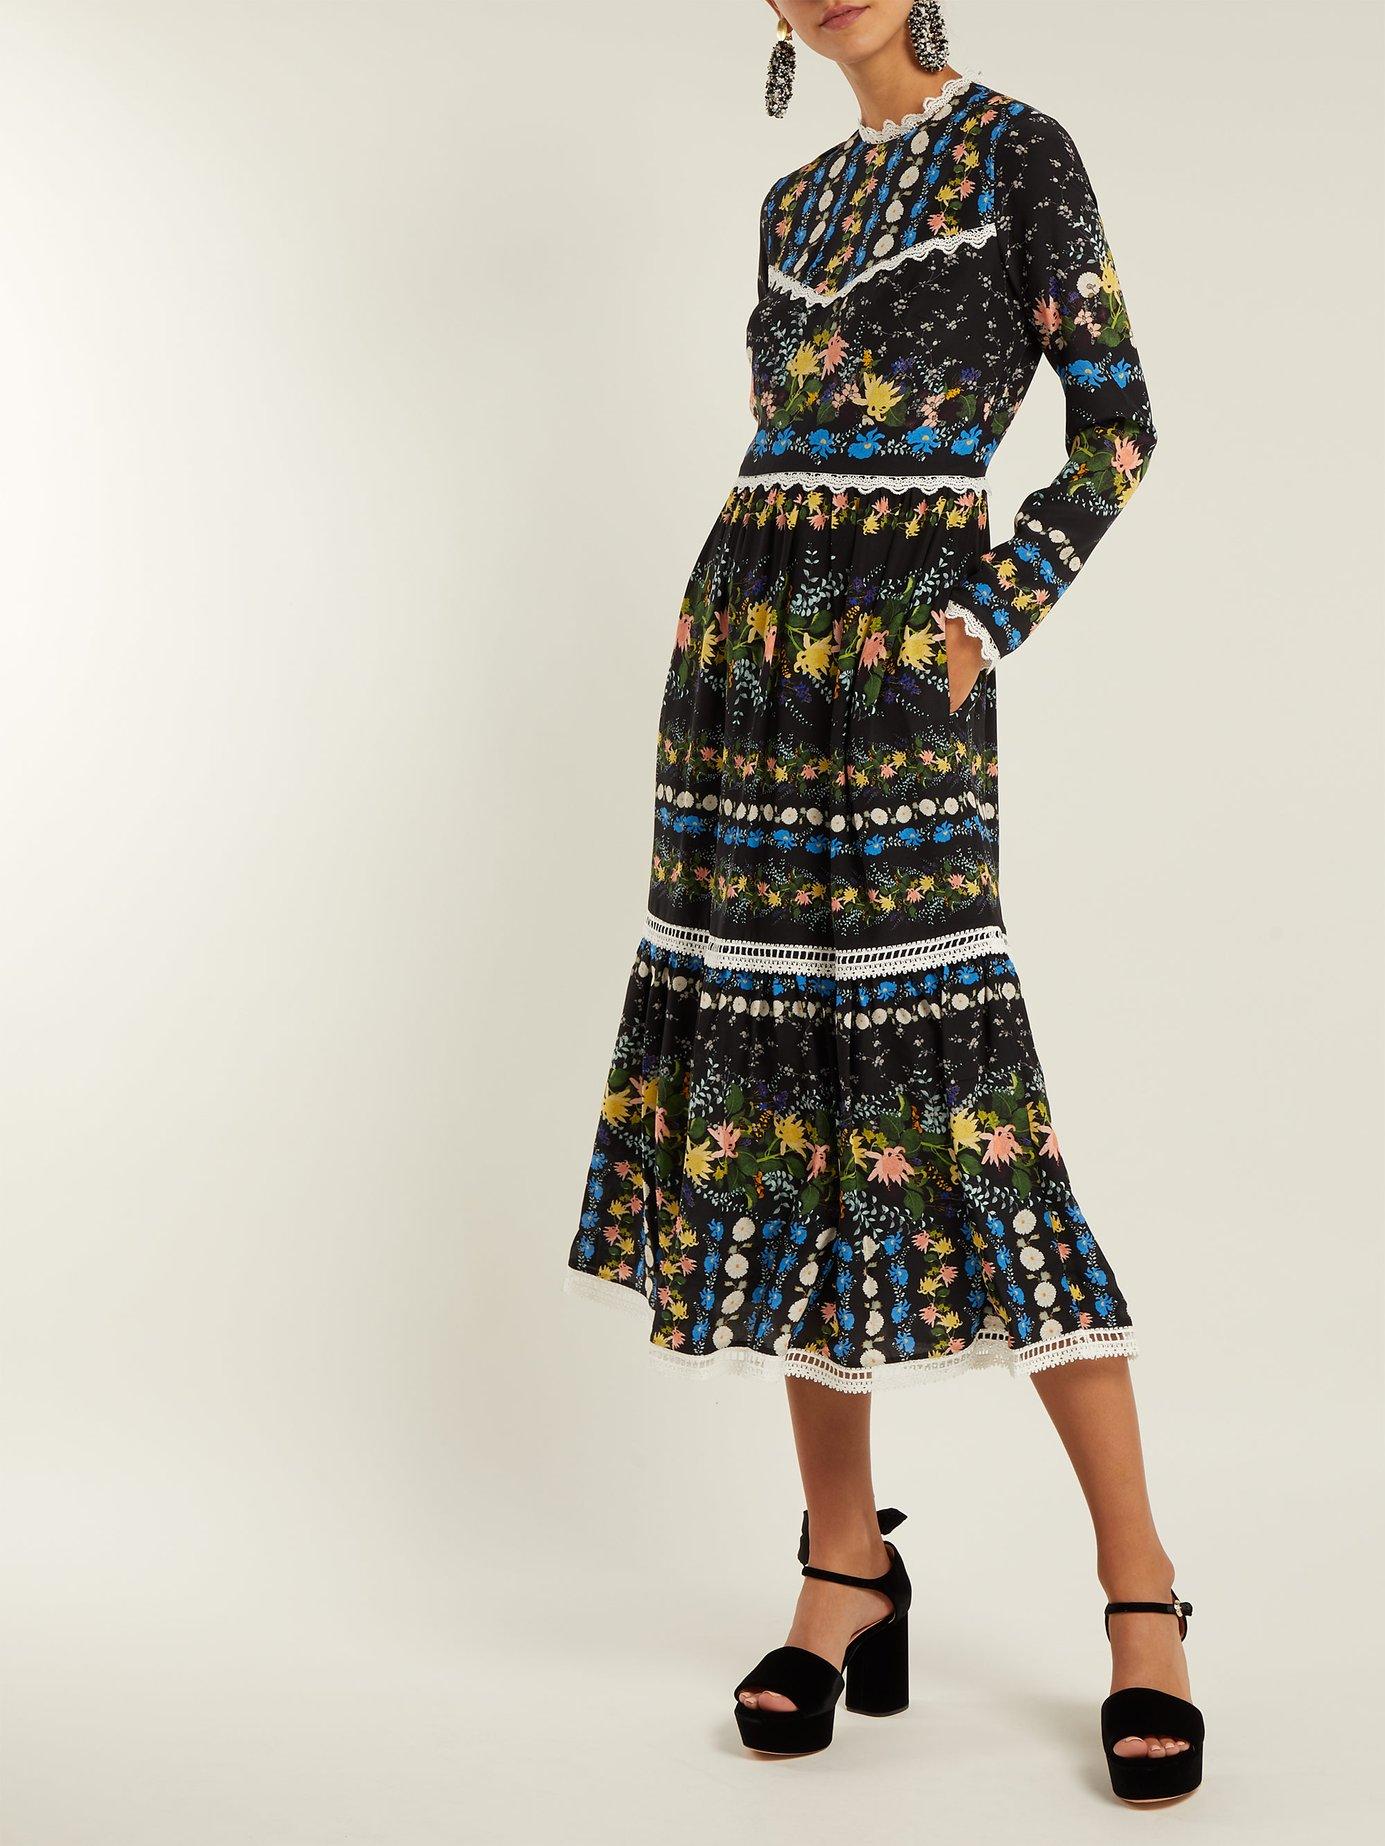 Georgie Mariko Meadow-print silk dress by Erdem